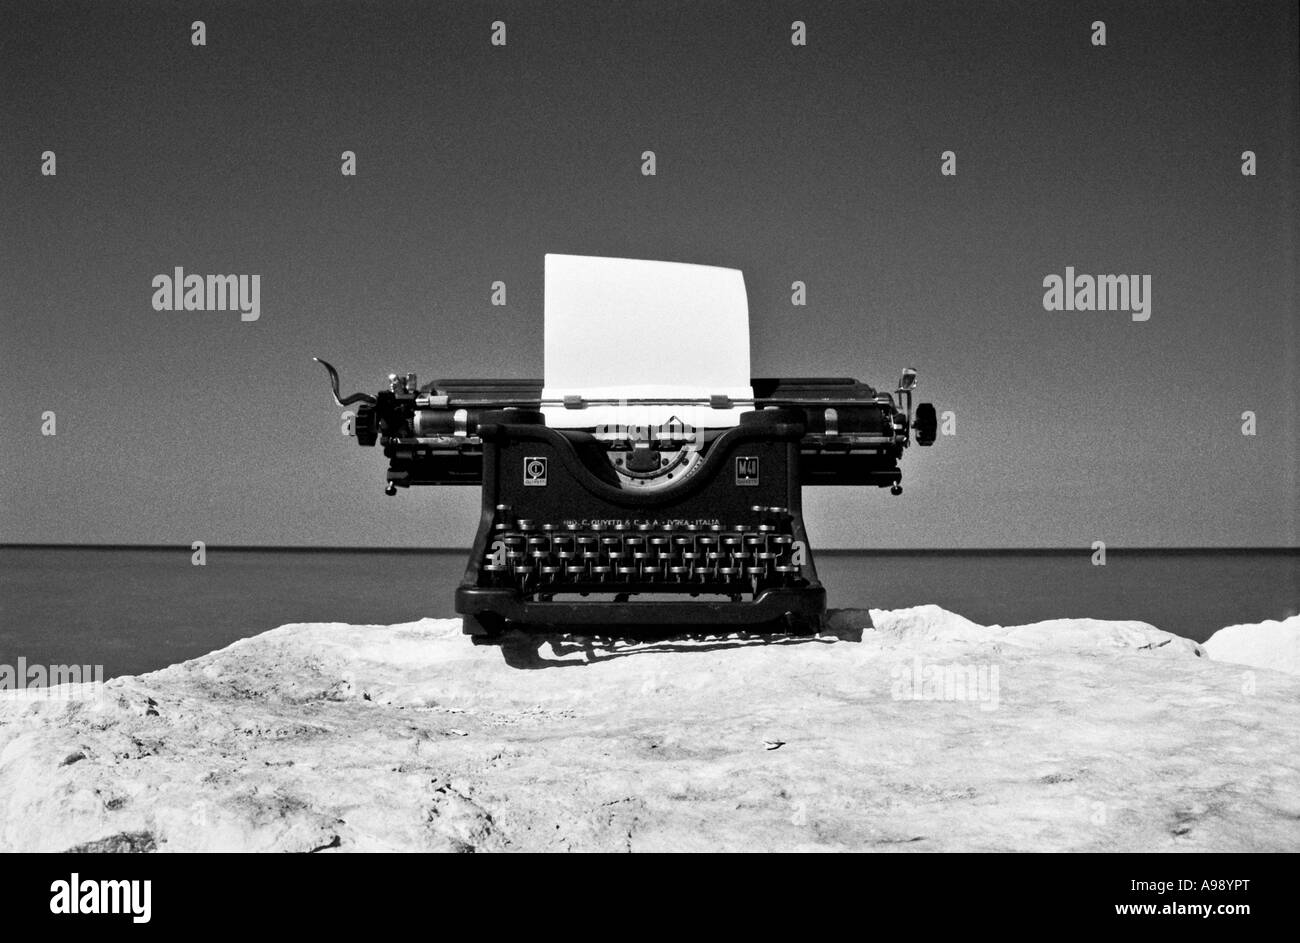 Vintage typewriter - Stock Image